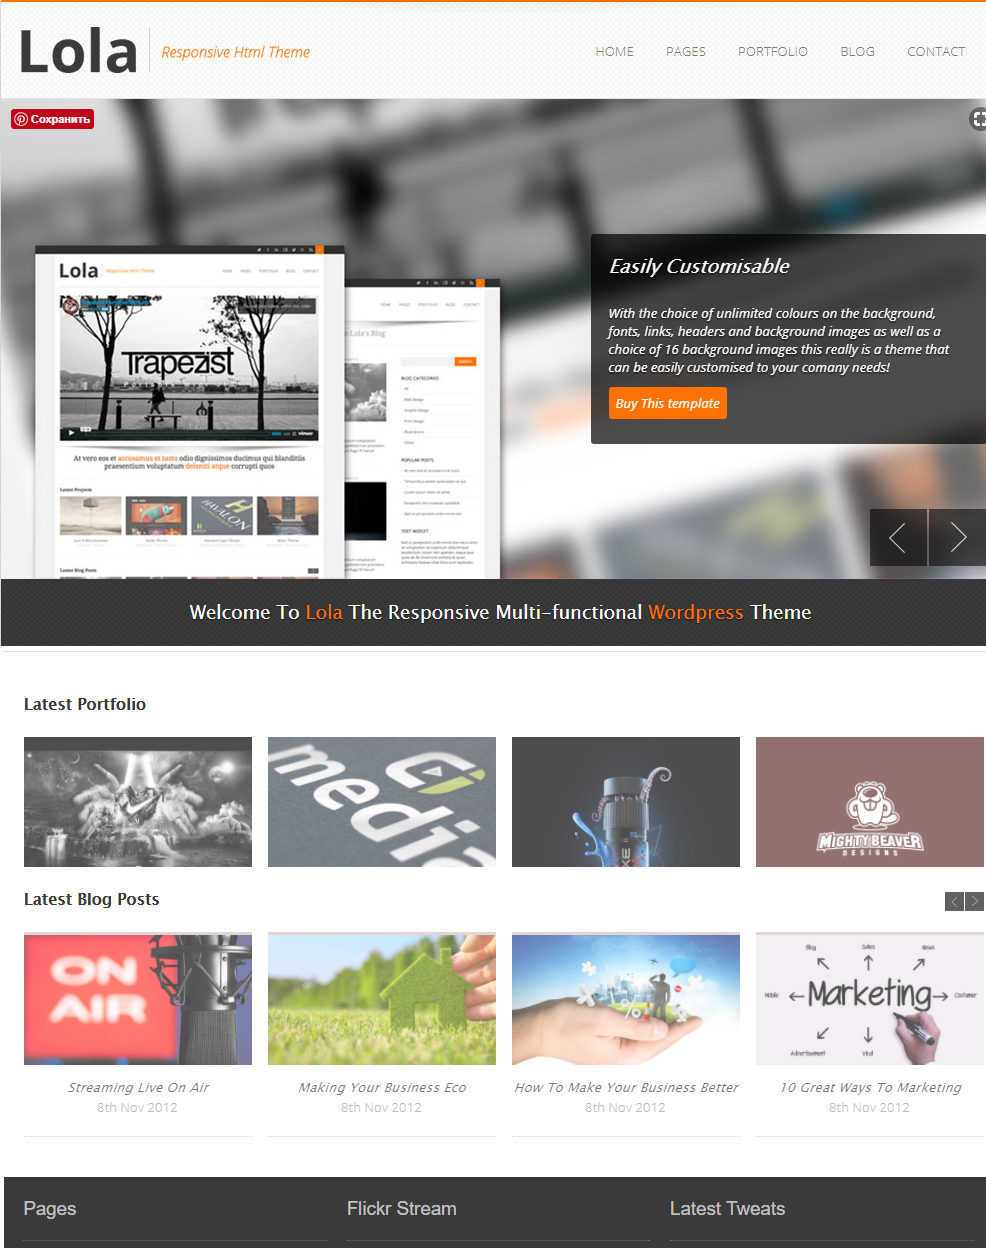 50+ кращих безкоштовних шаблонів для WordPress блогу, журналу, агентства, портфоліо, і корпоративного веб-сайту 2018